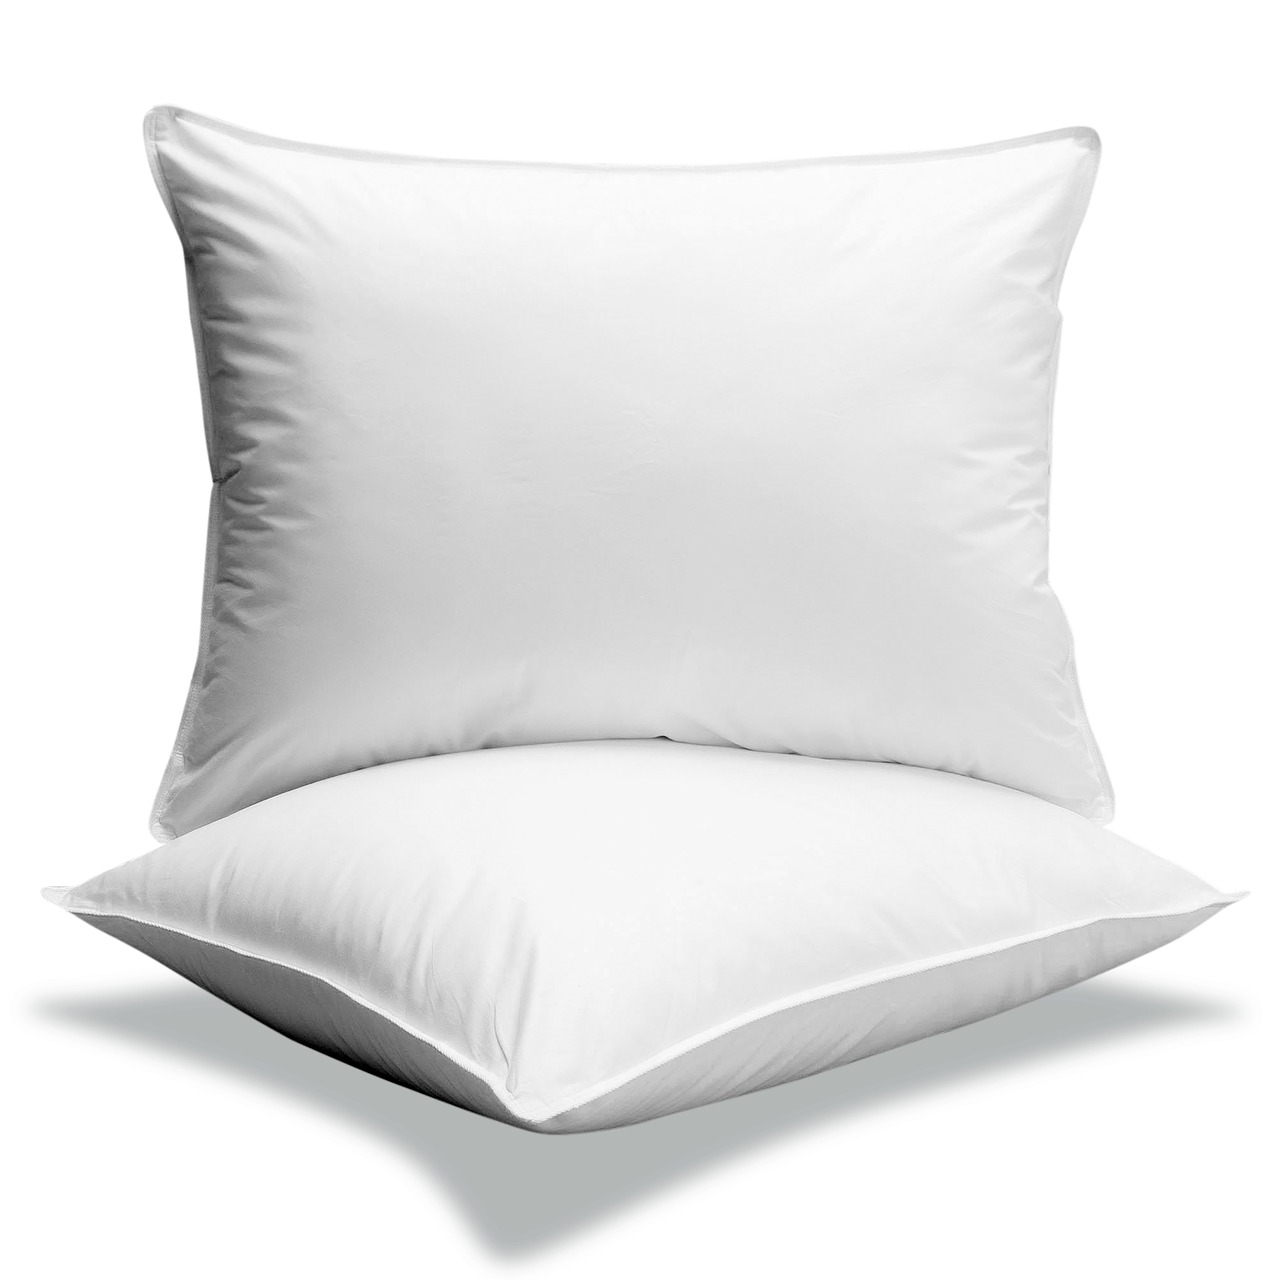 枕の臭いに効果的な対策は?枕の消臭方法とニオイ防止策1